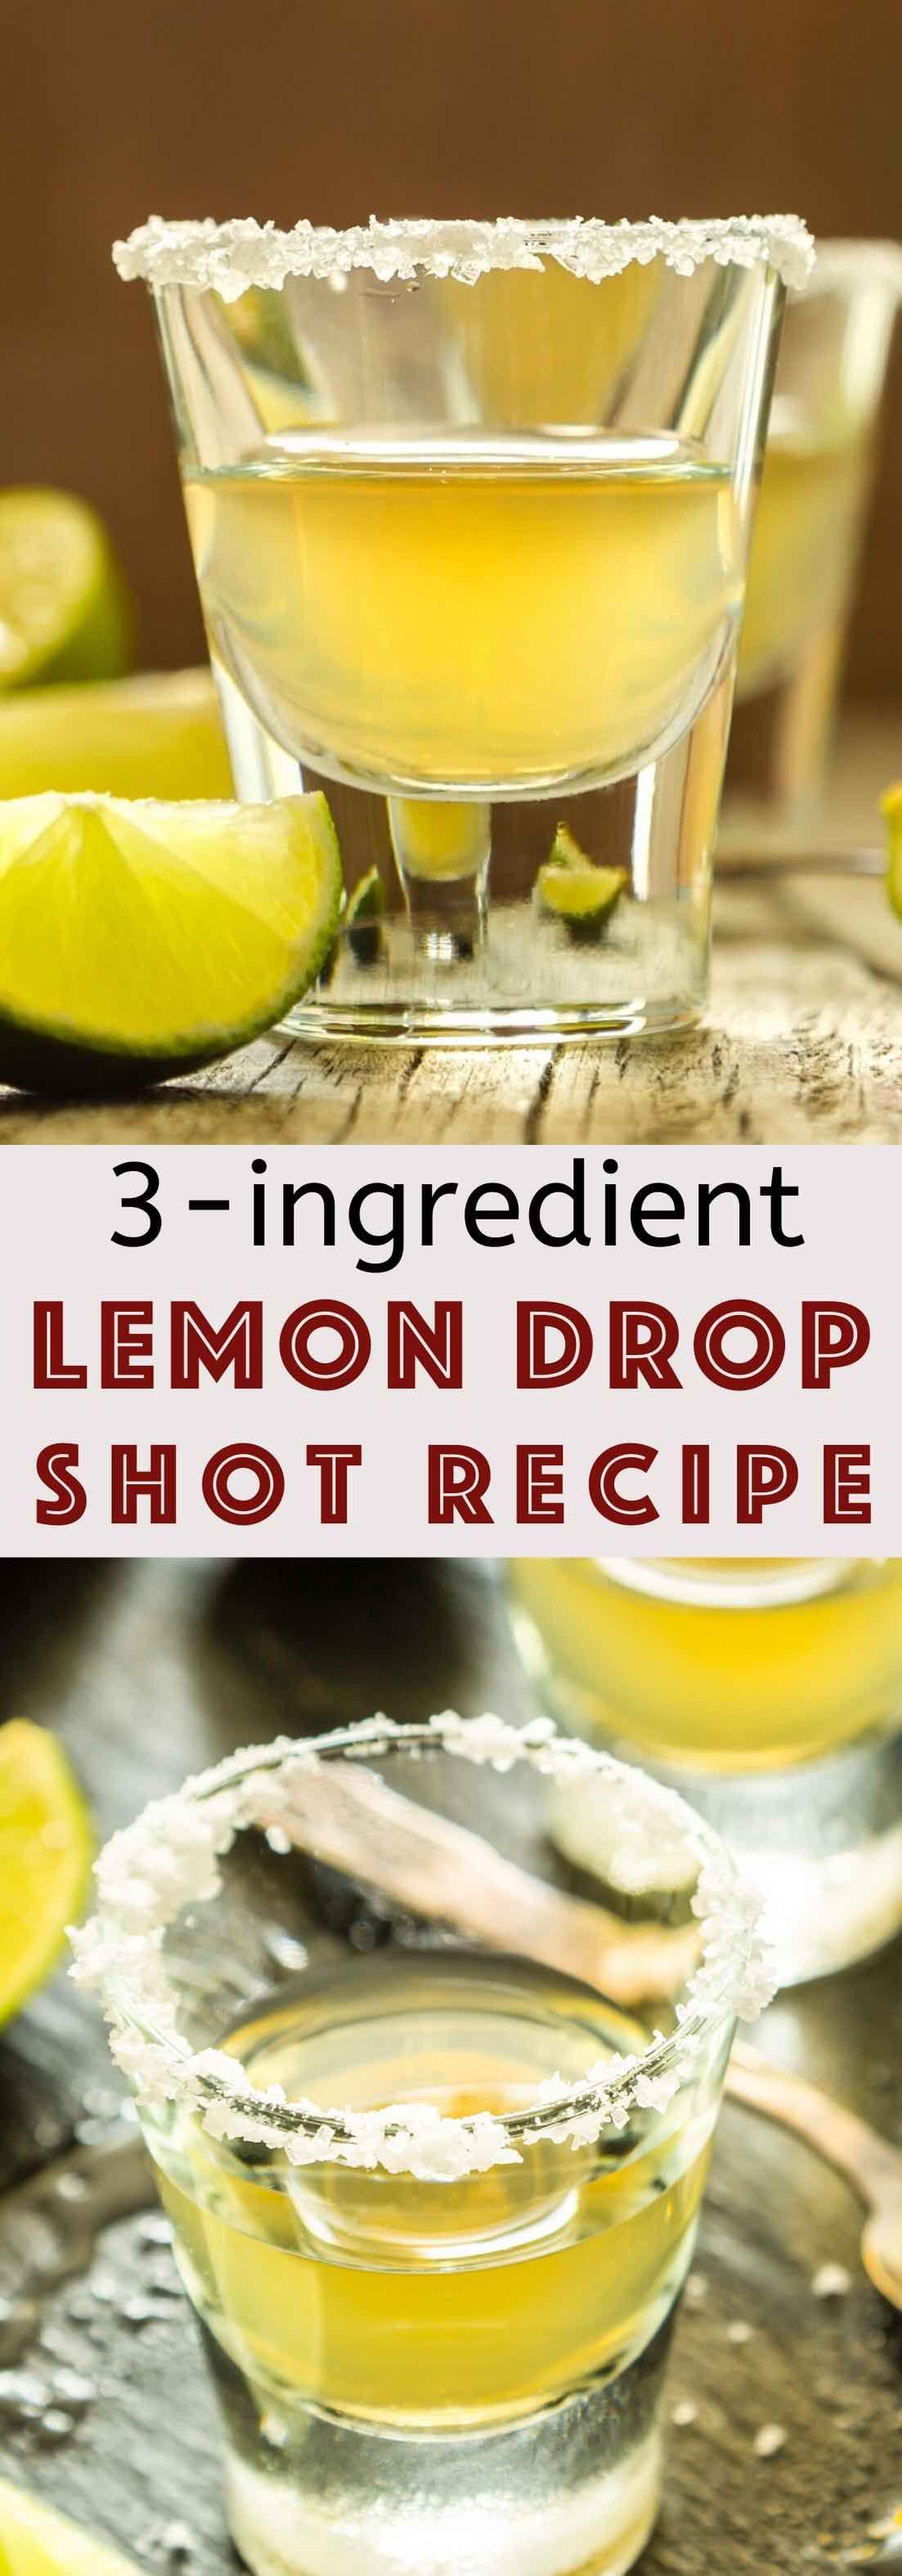 Best lemon drop shots recipe in 2020 lemon drop shots